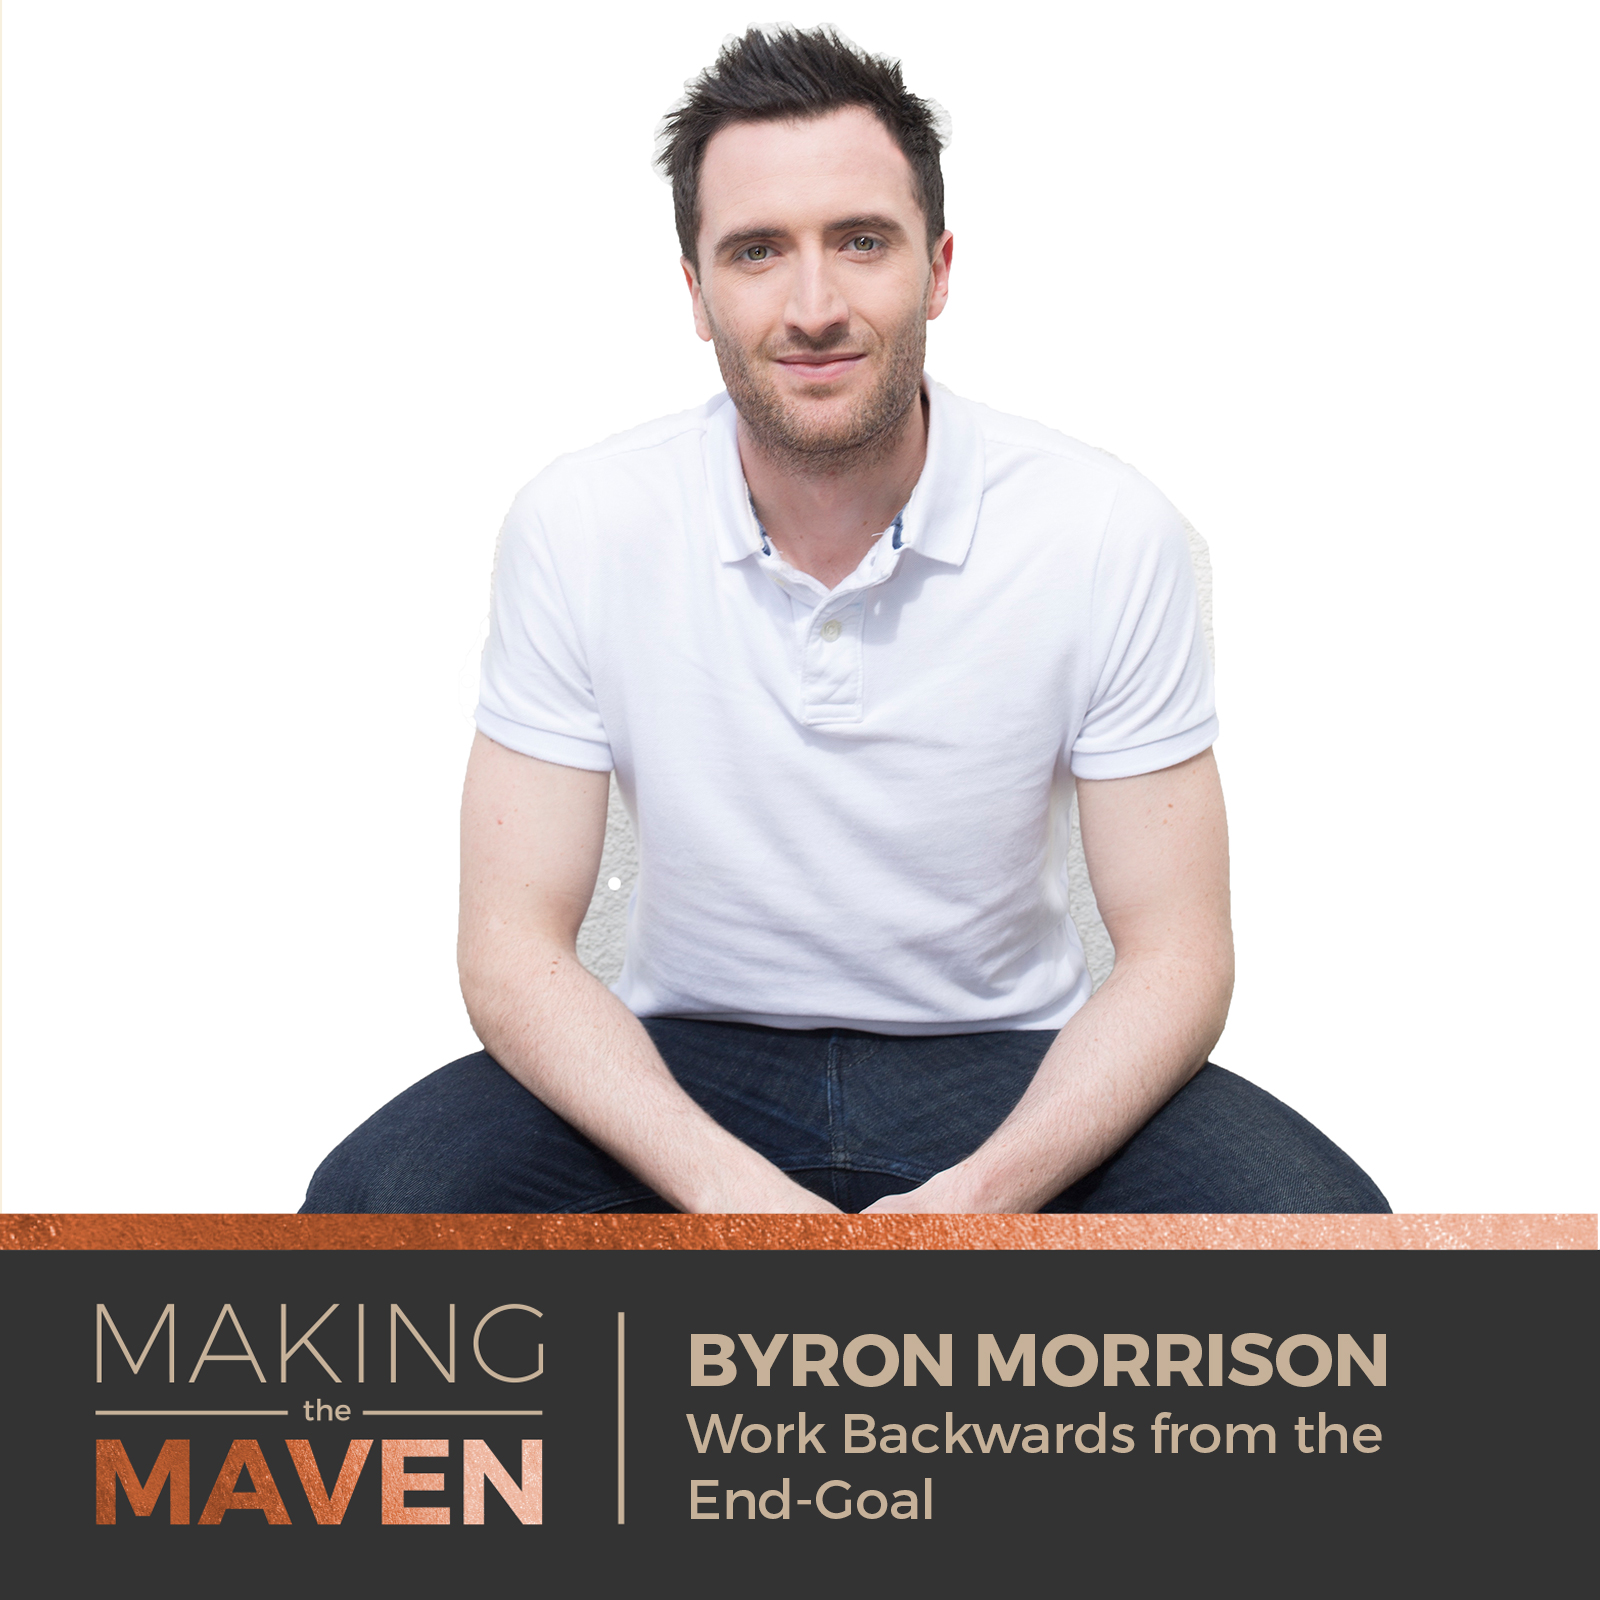 Byron Morrison